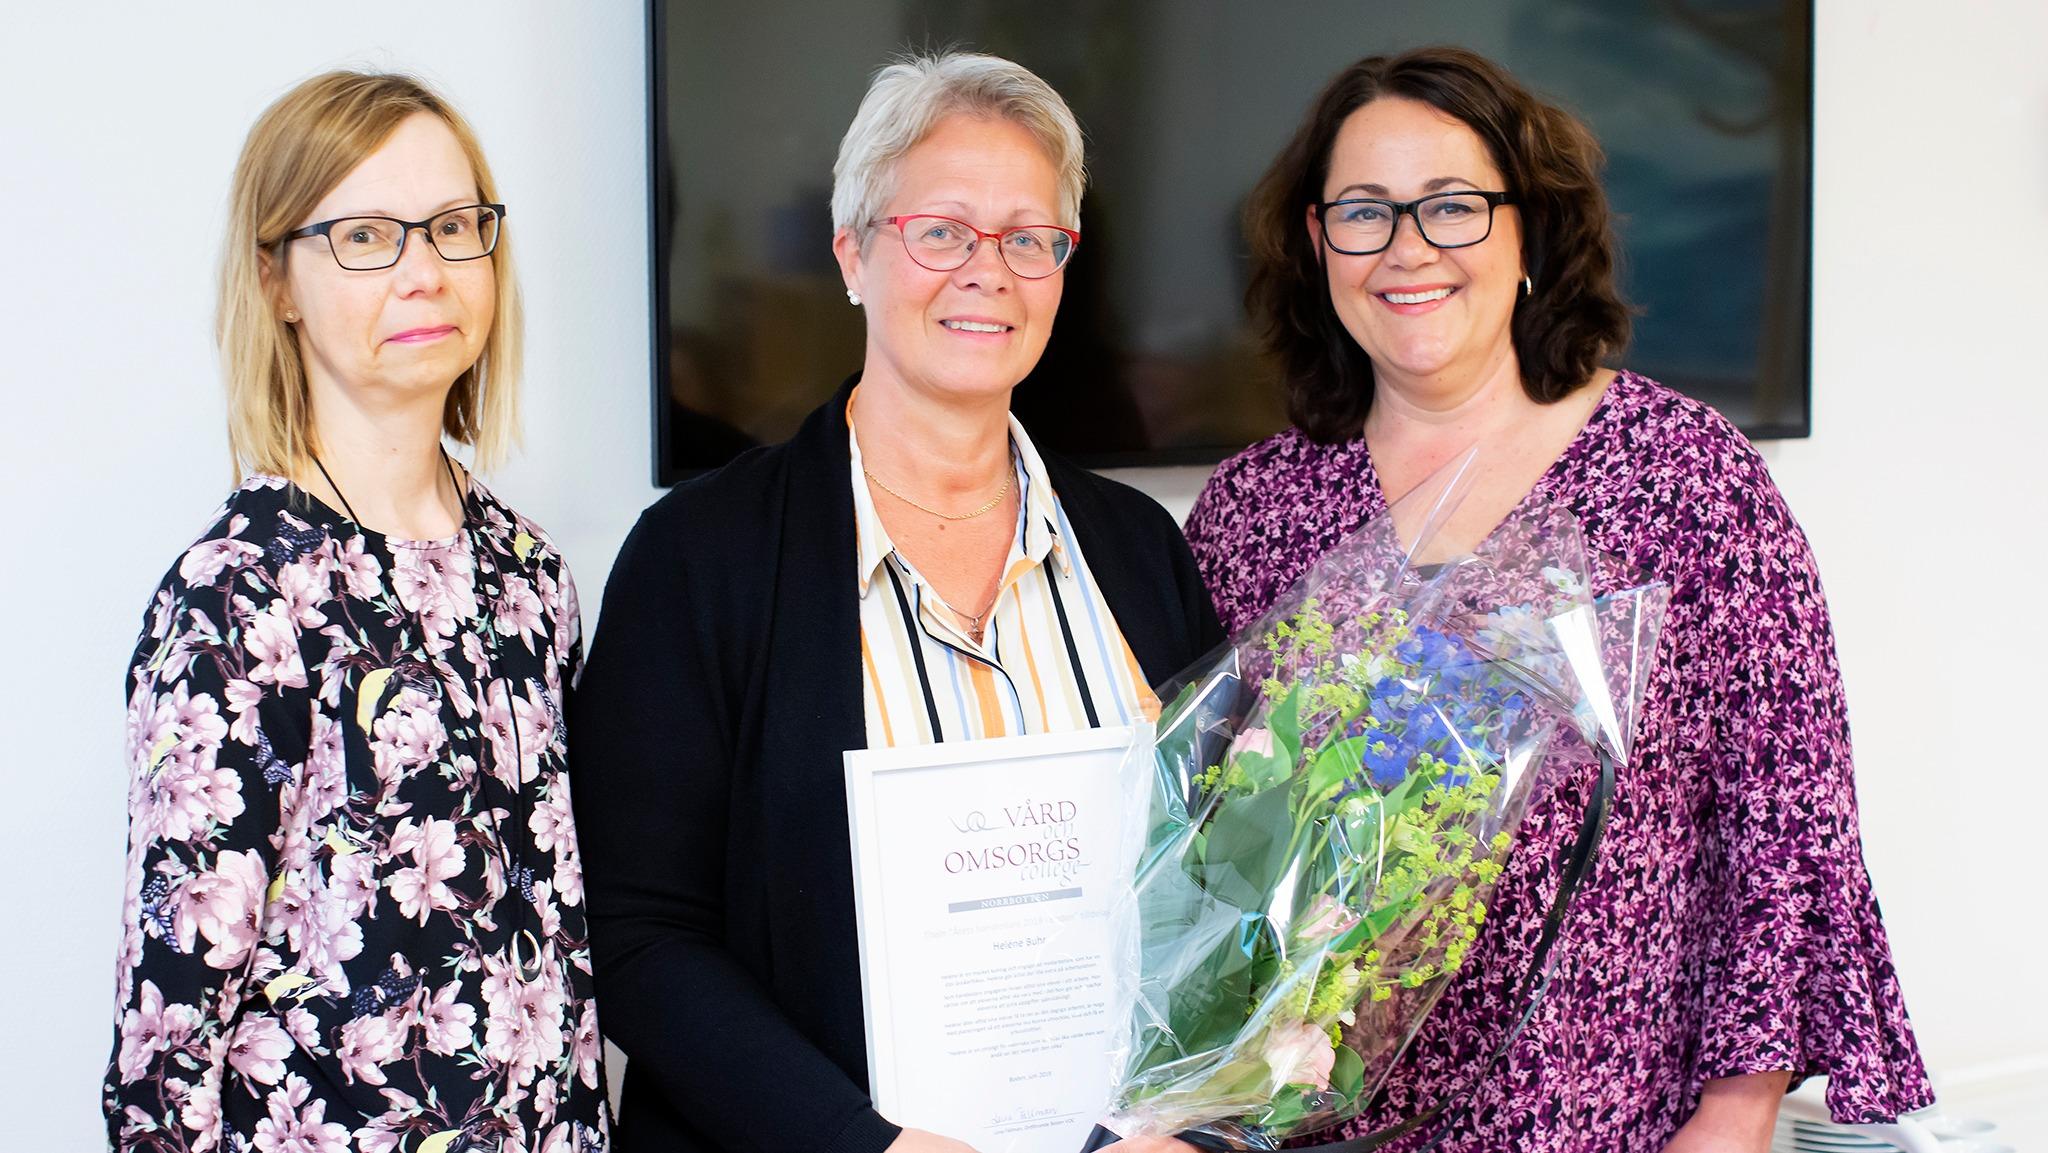 Lena Fällman, Heléne Buhr och Kristina Lindqvist vid utdelningen av utmärkelsen Årets handledare 2019 i Boden.